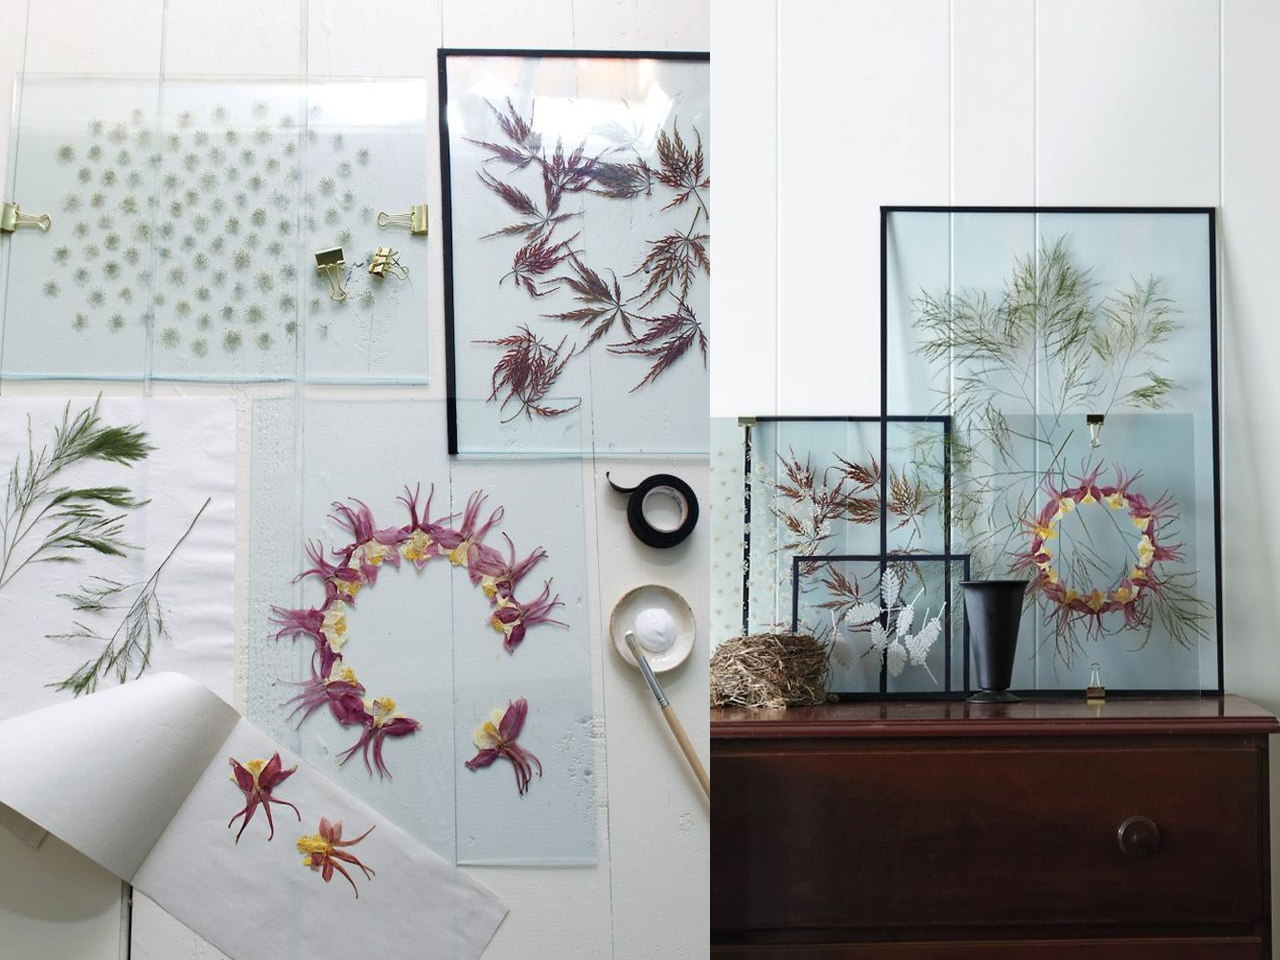 9 ideas de decoraci n con flores secas for Laminas salon decoracion